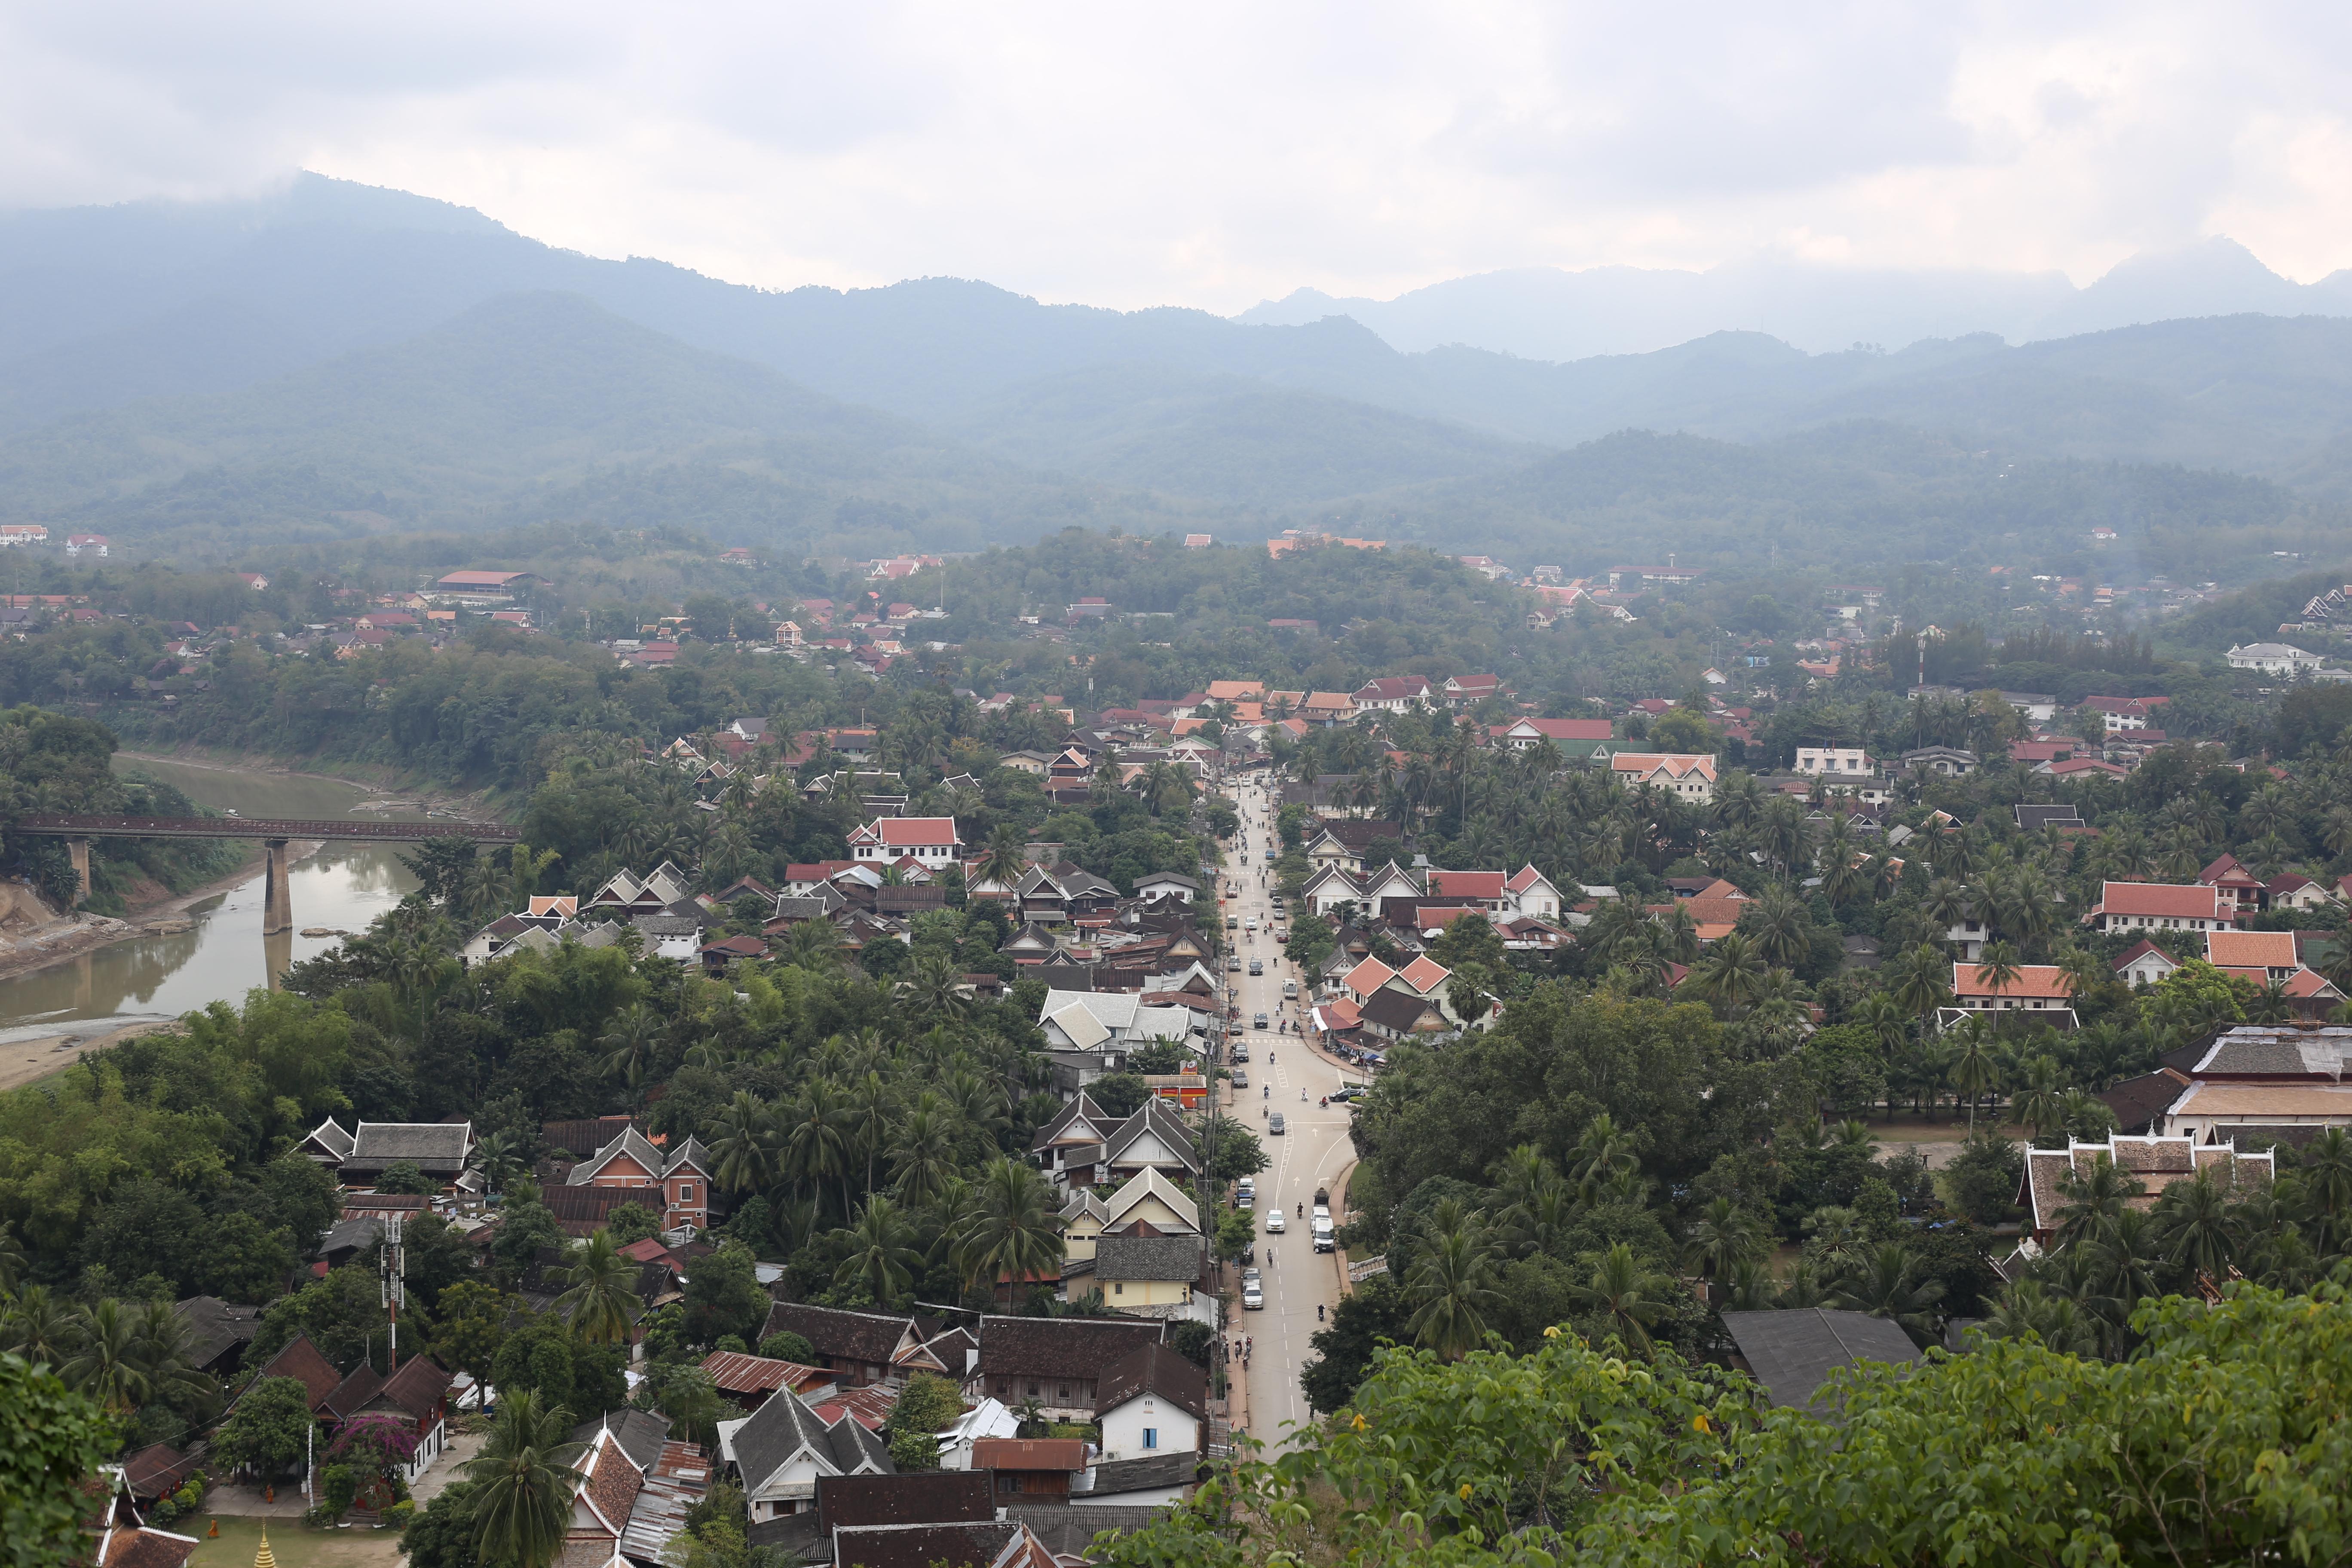 Vista do alto do Monte Phousi. (Foto: Nathalia Tavolieri / Viagem em Detalhes)